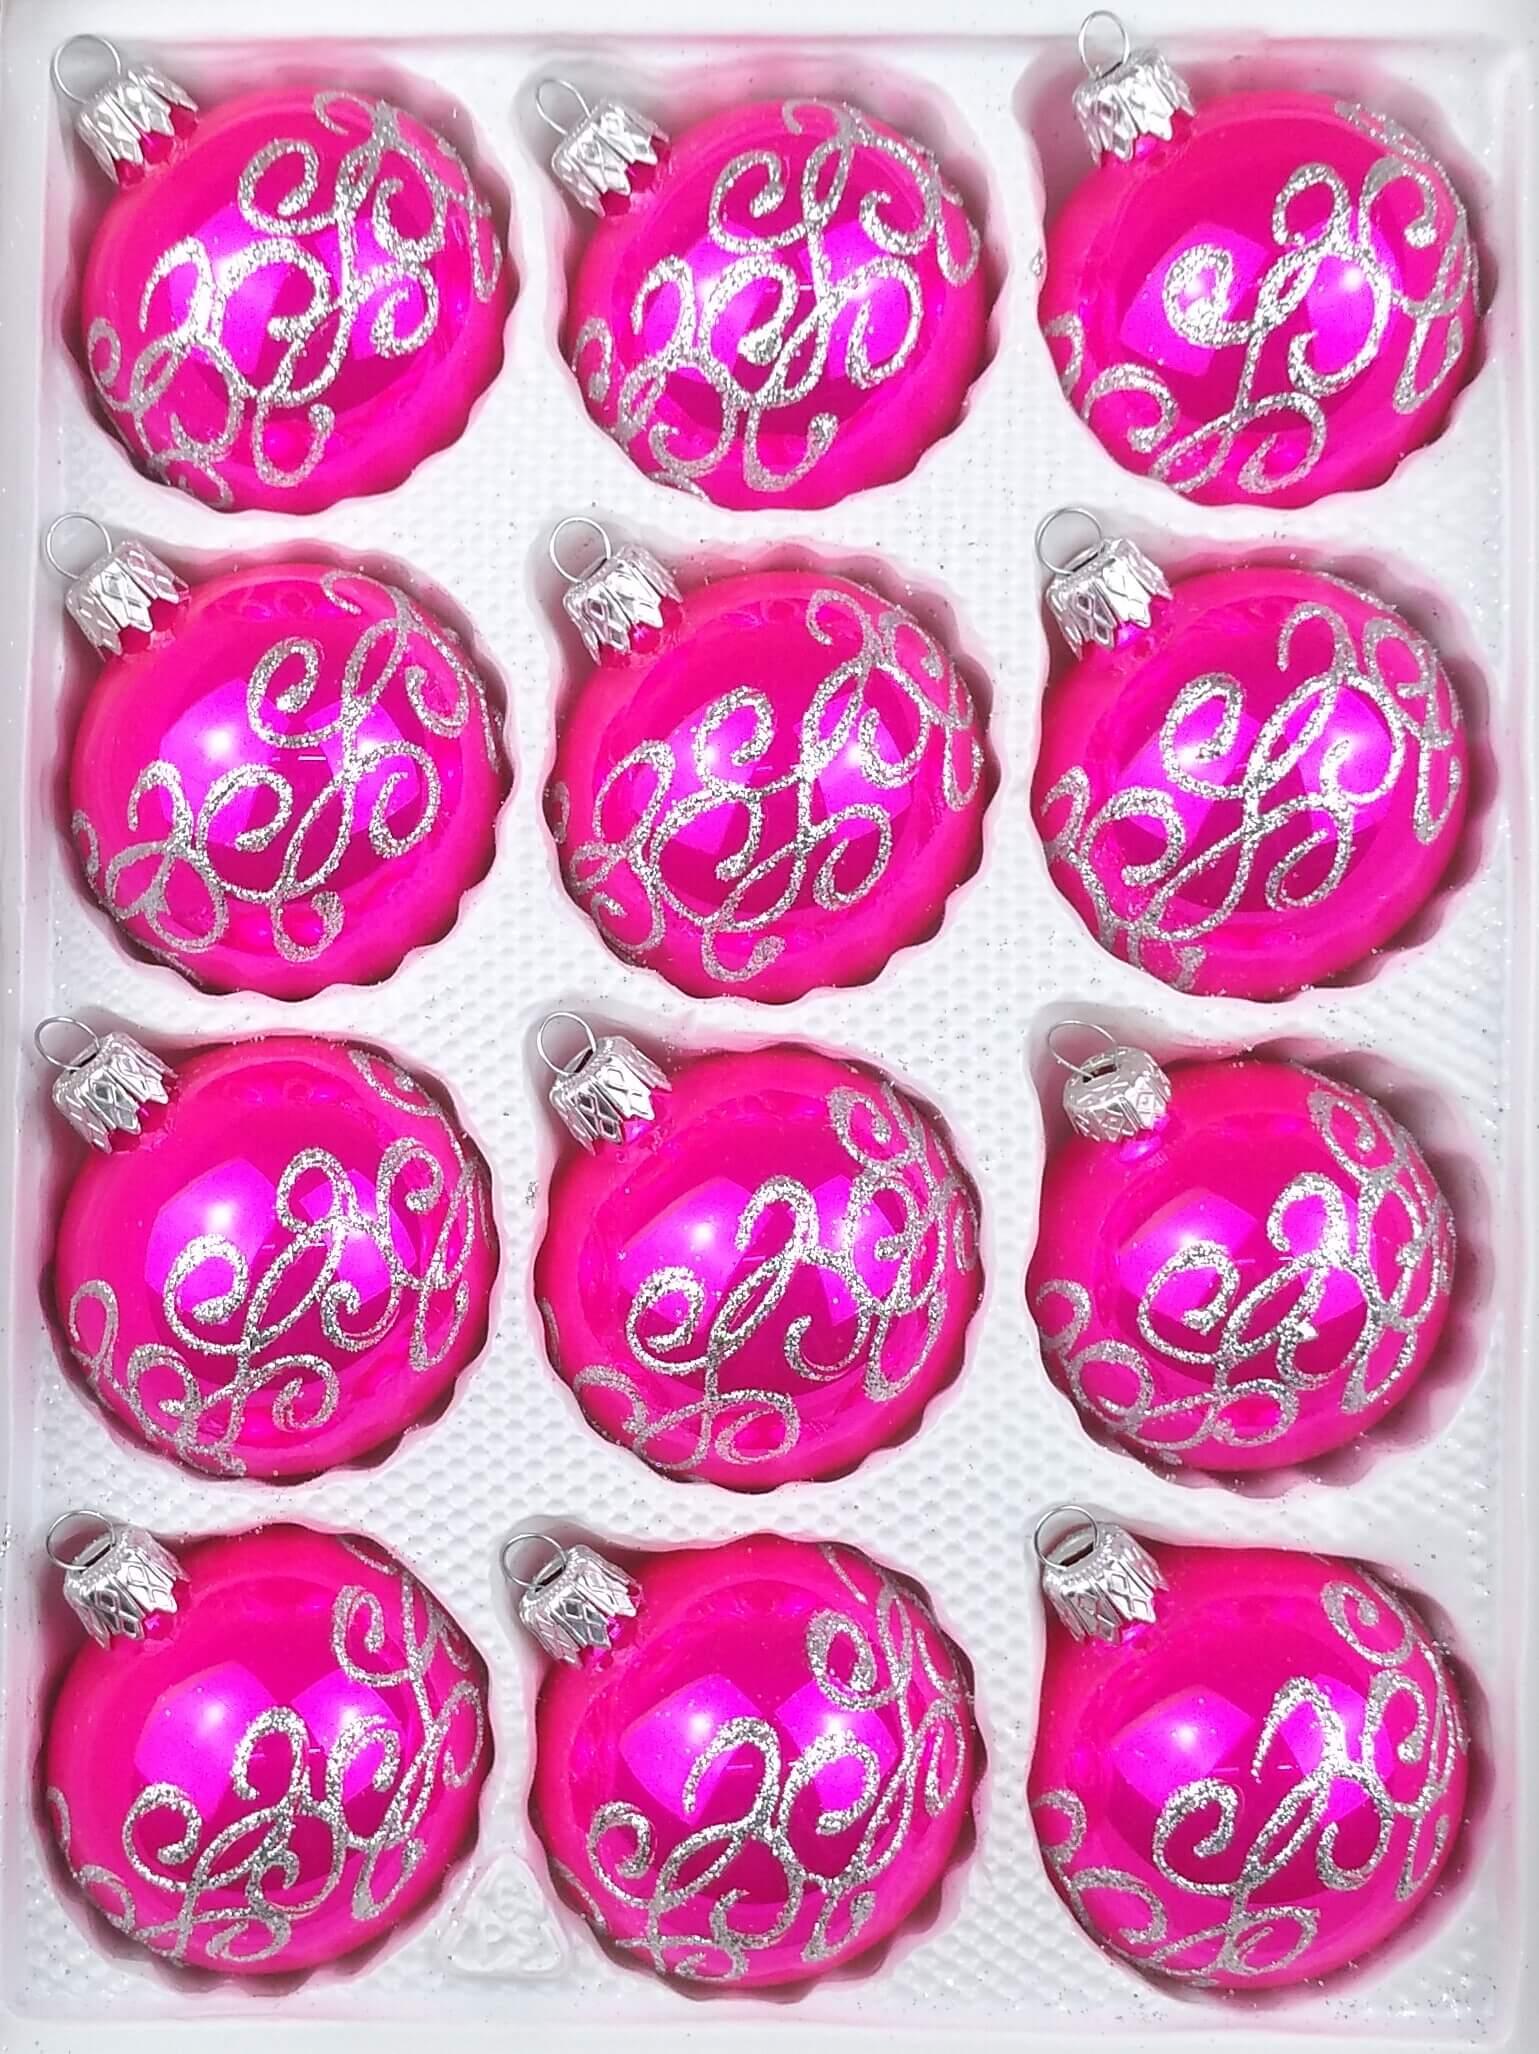 Weihnachtskugeln Pink.12 Tlg Glas Weihnachtskugeln Set In Hochglanz Pink Silberne Ornamente